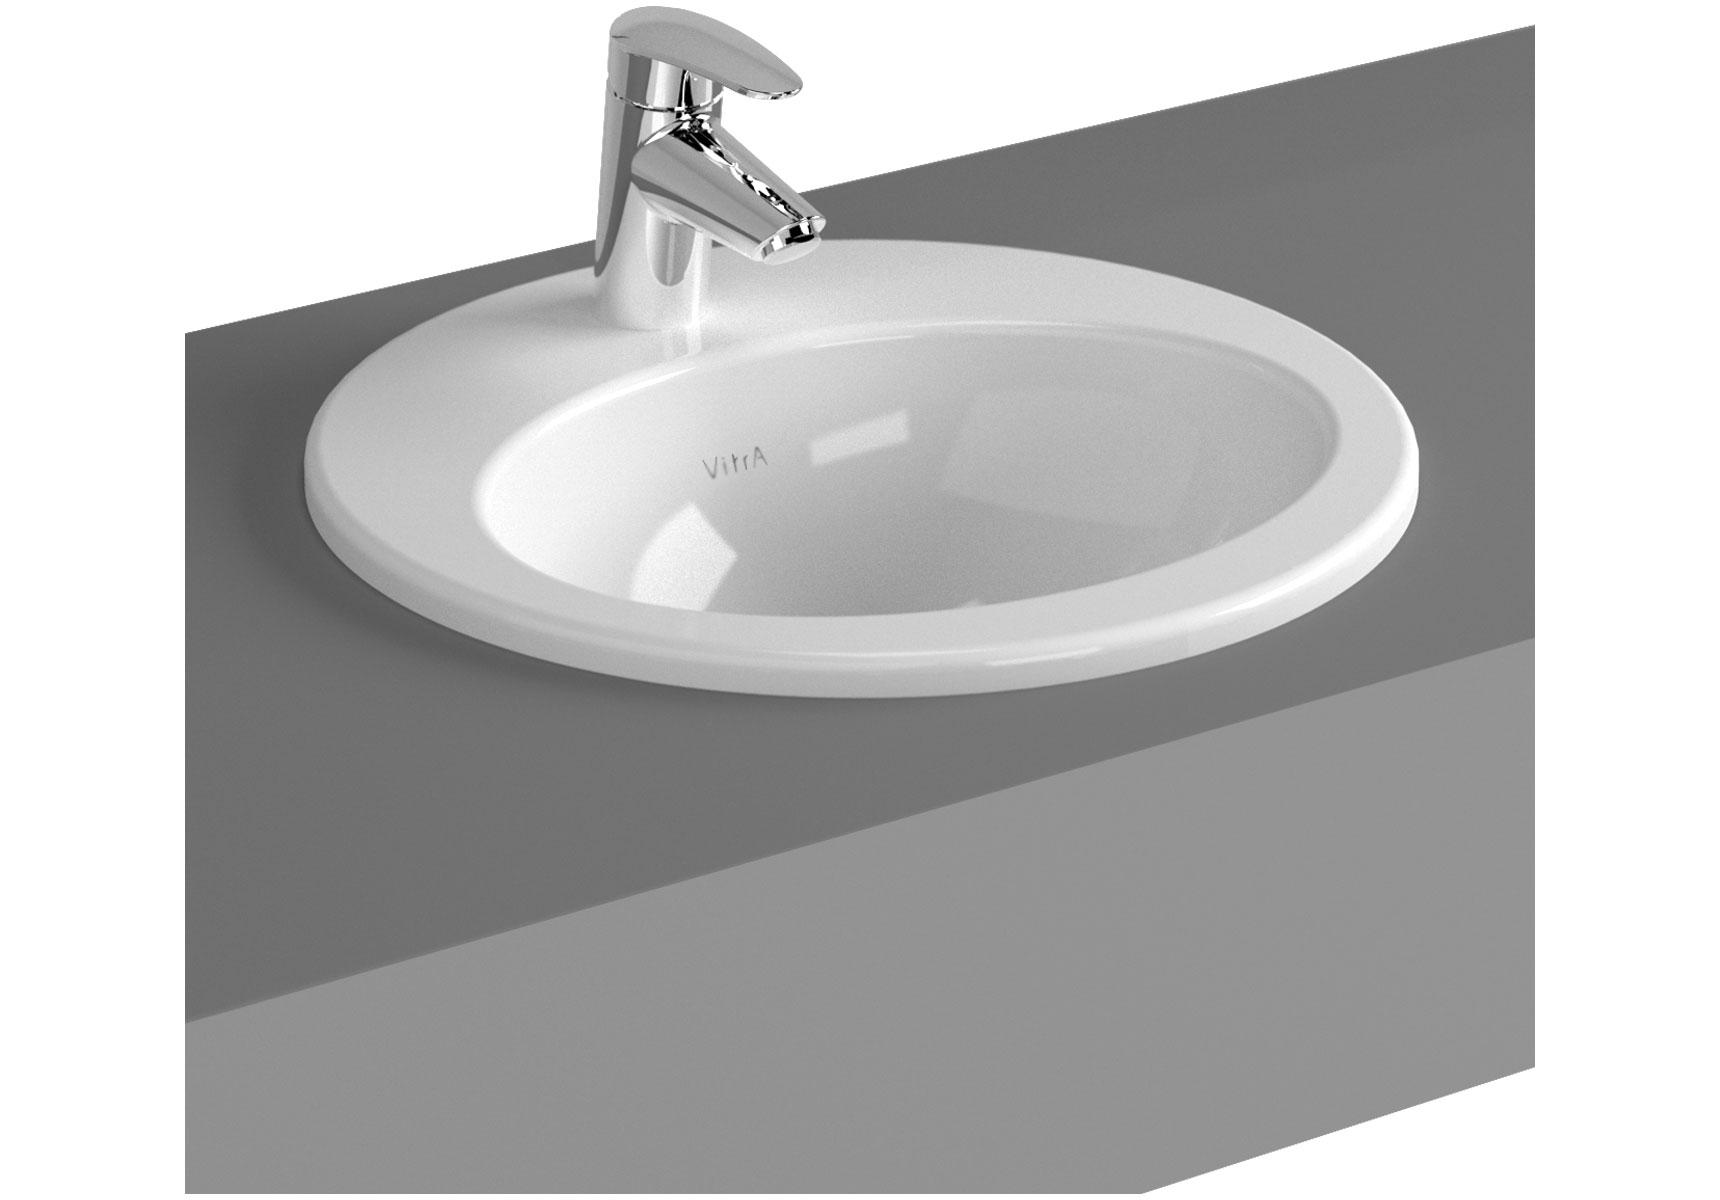 S20 vasque encastré, 43 cm, 1 trou de robinet central, avec trop-plein